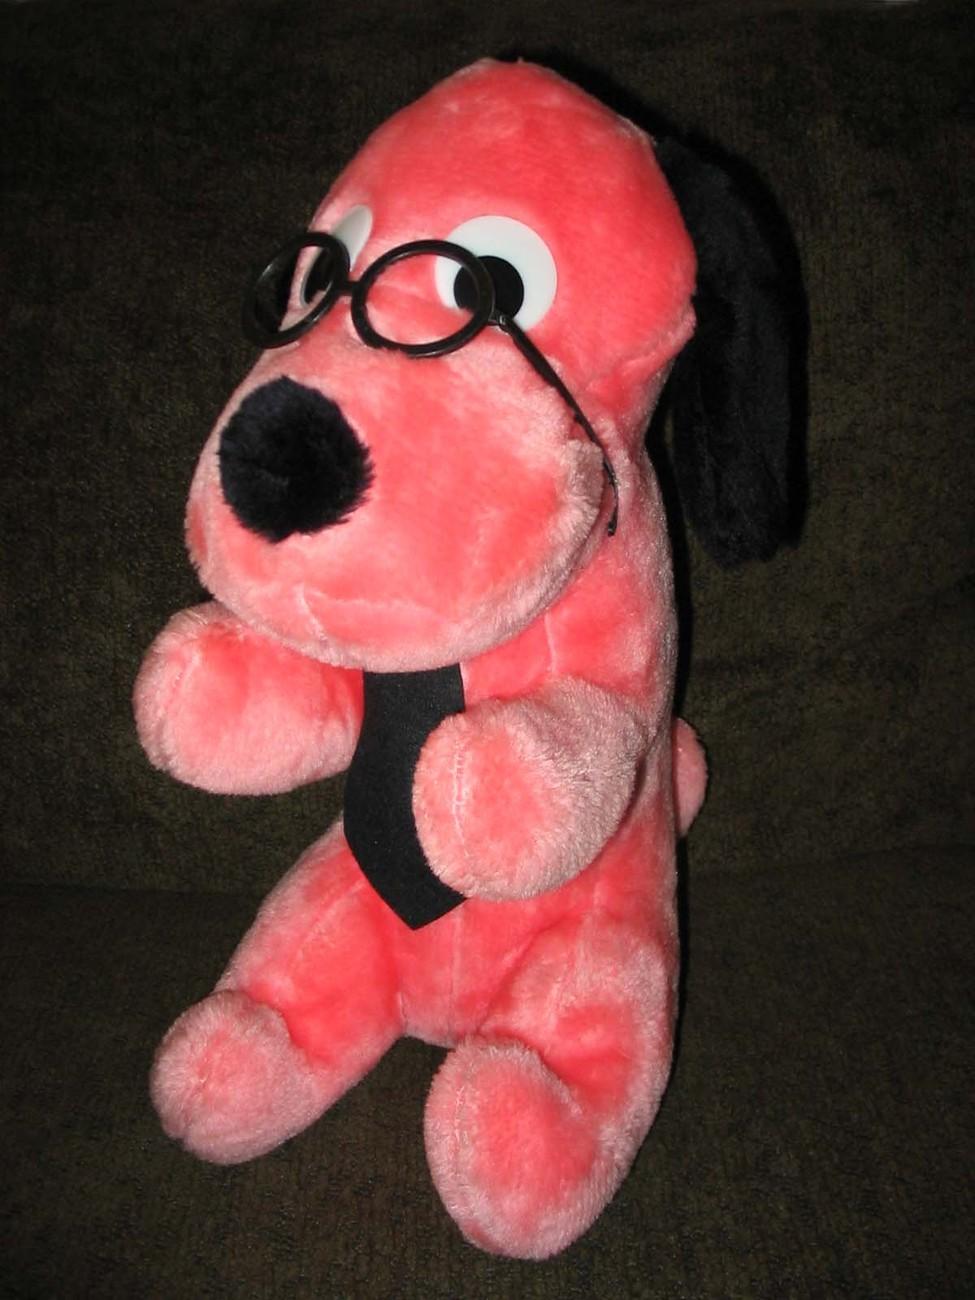 Wondertoyspinkdog